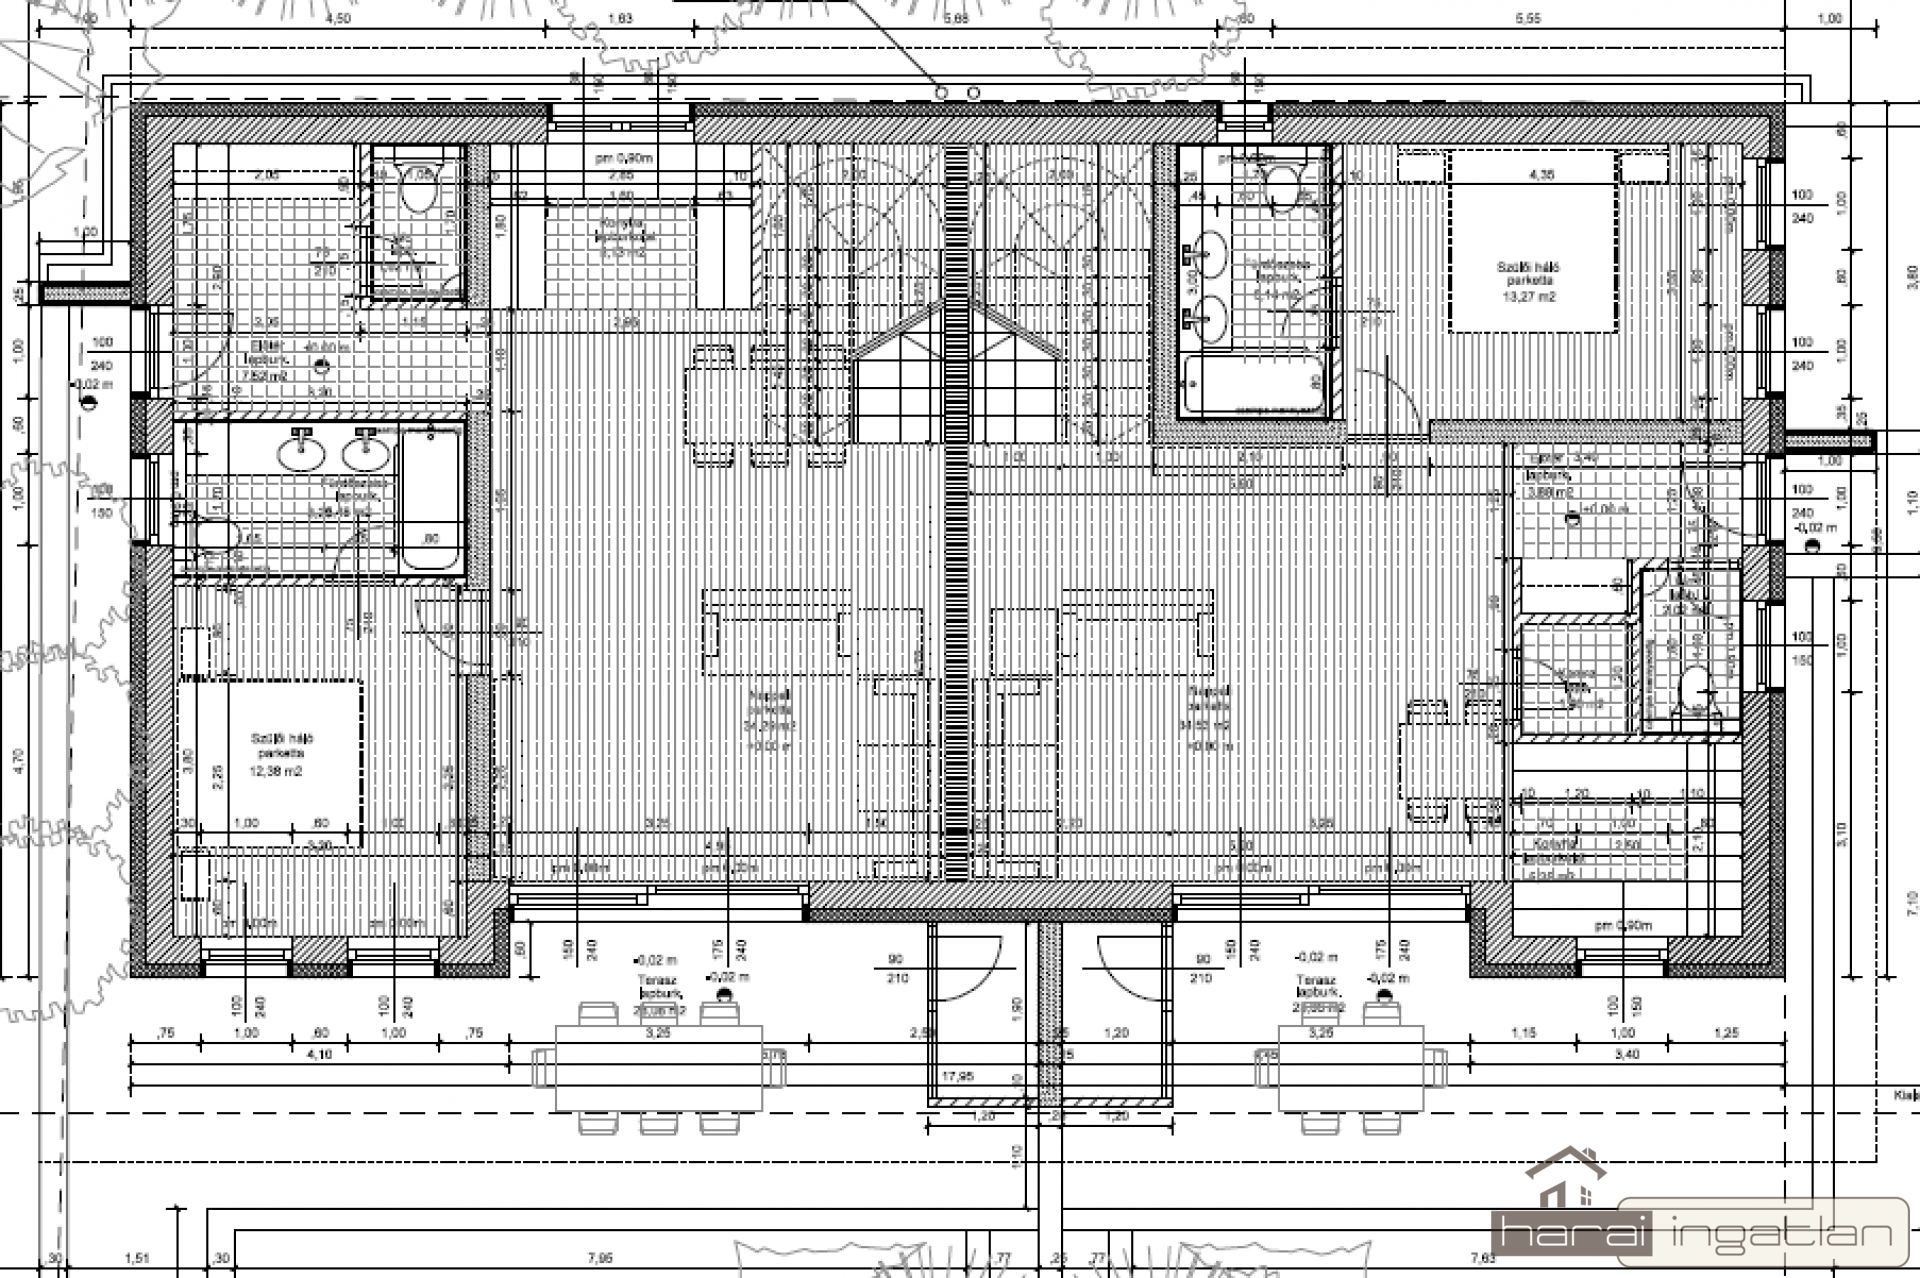 8600 Siófok Eladó Ház (#03012021160)